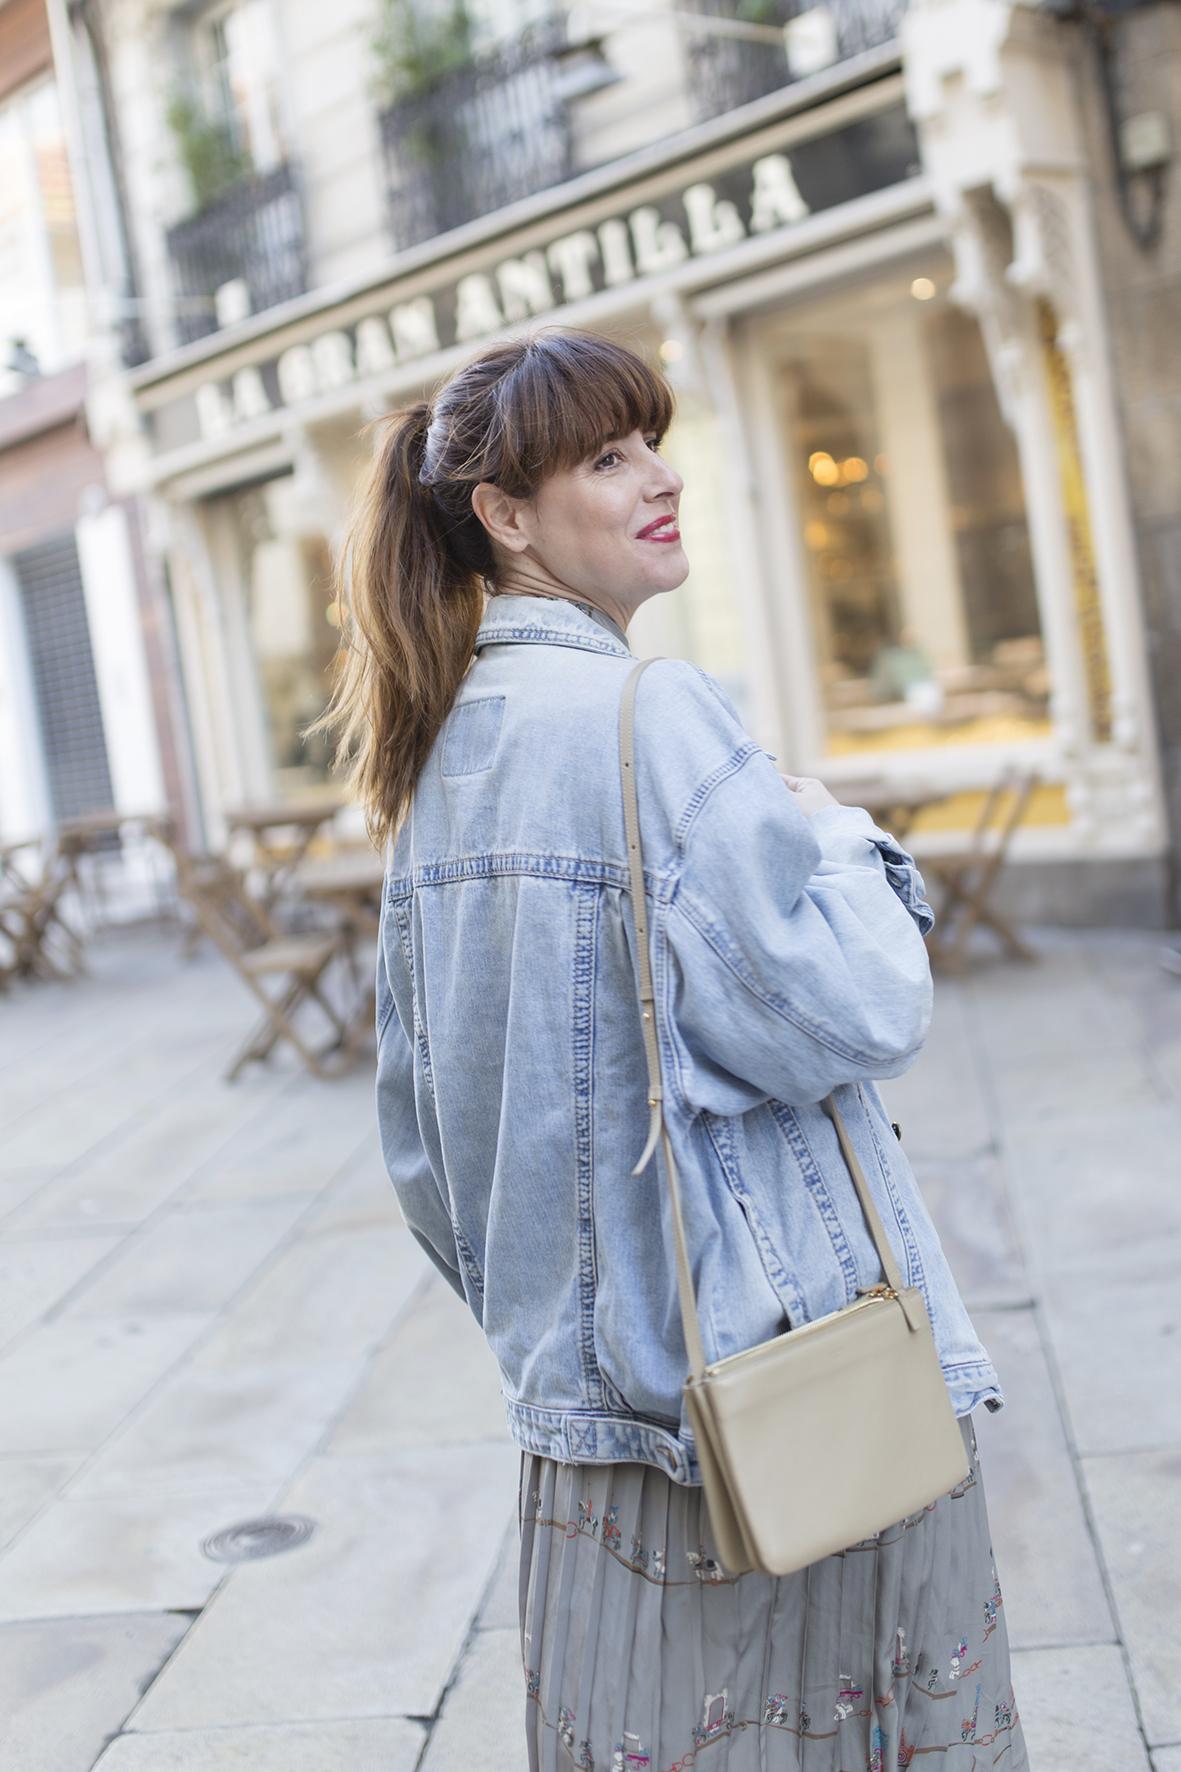 cèline -triobag - denim jacket- streetstyle - coruña - descalzaporelparque -blogger